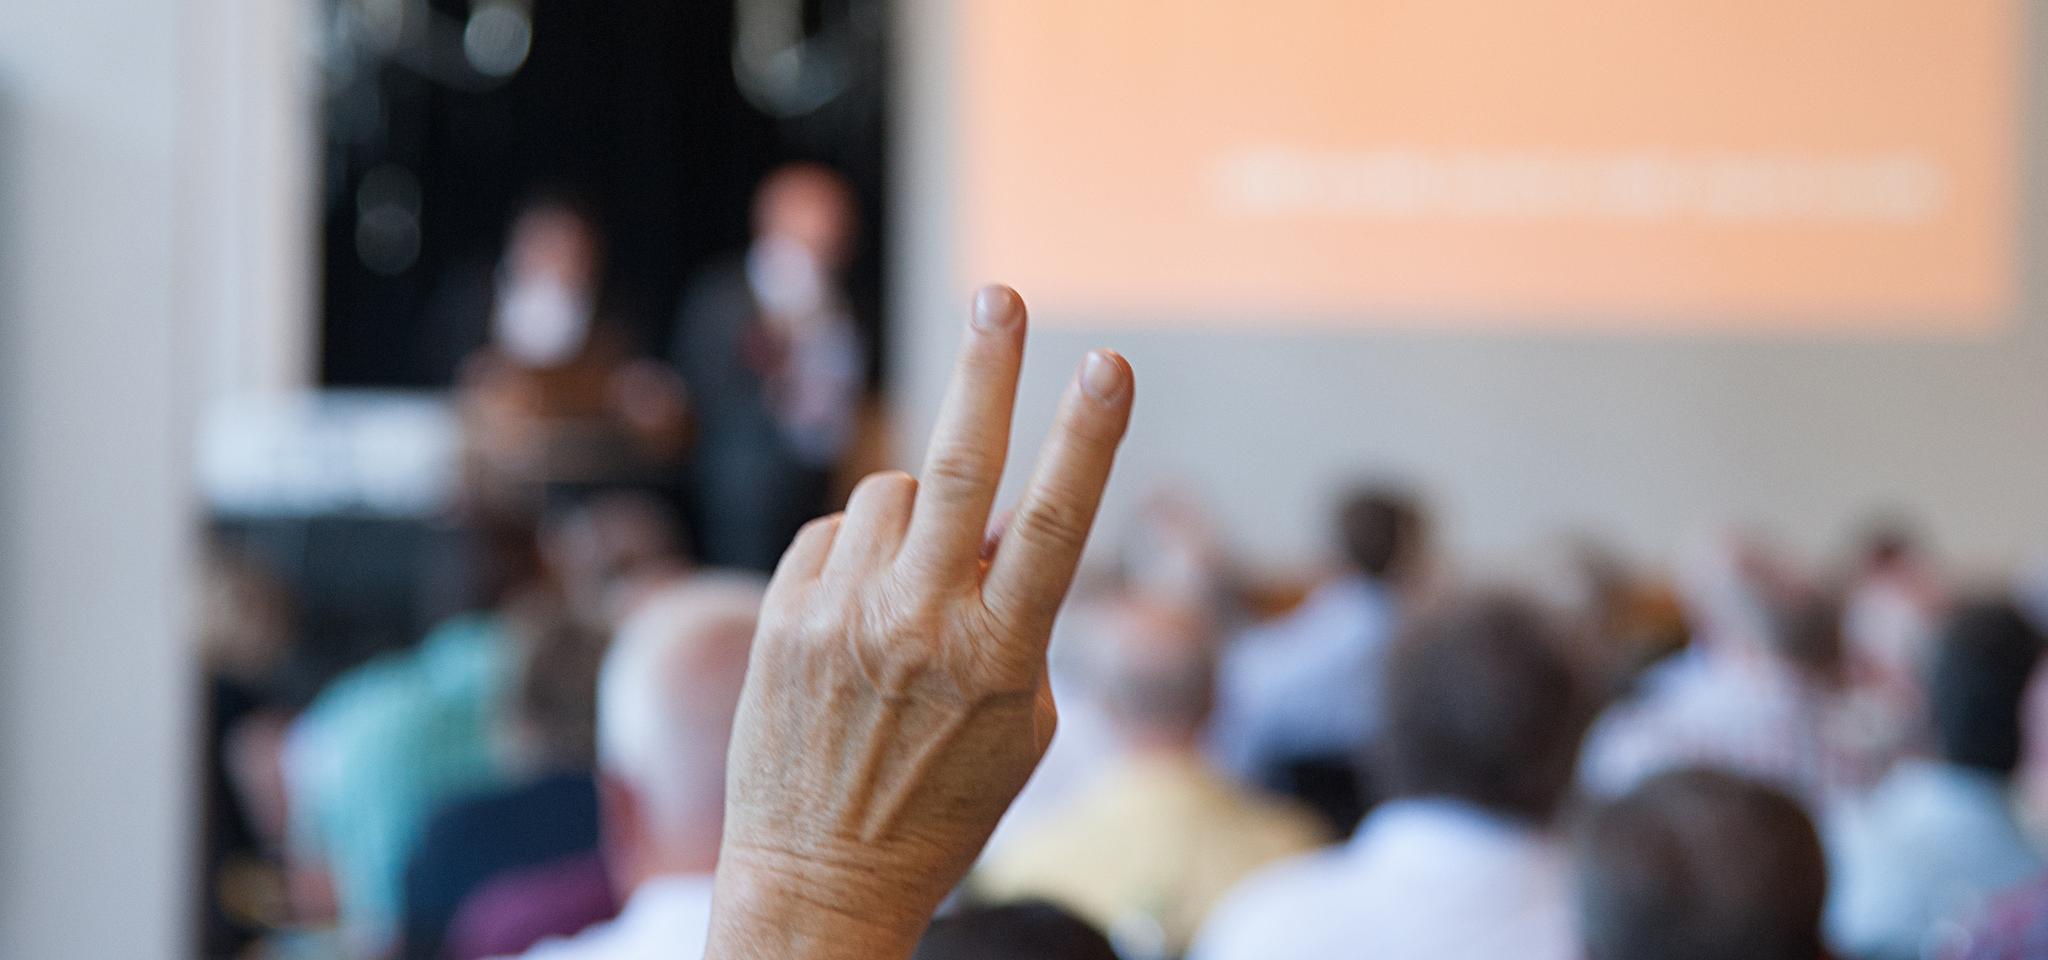 Handzeichen mit zwei ausgestreckten Fingern bei einer Abstimmung